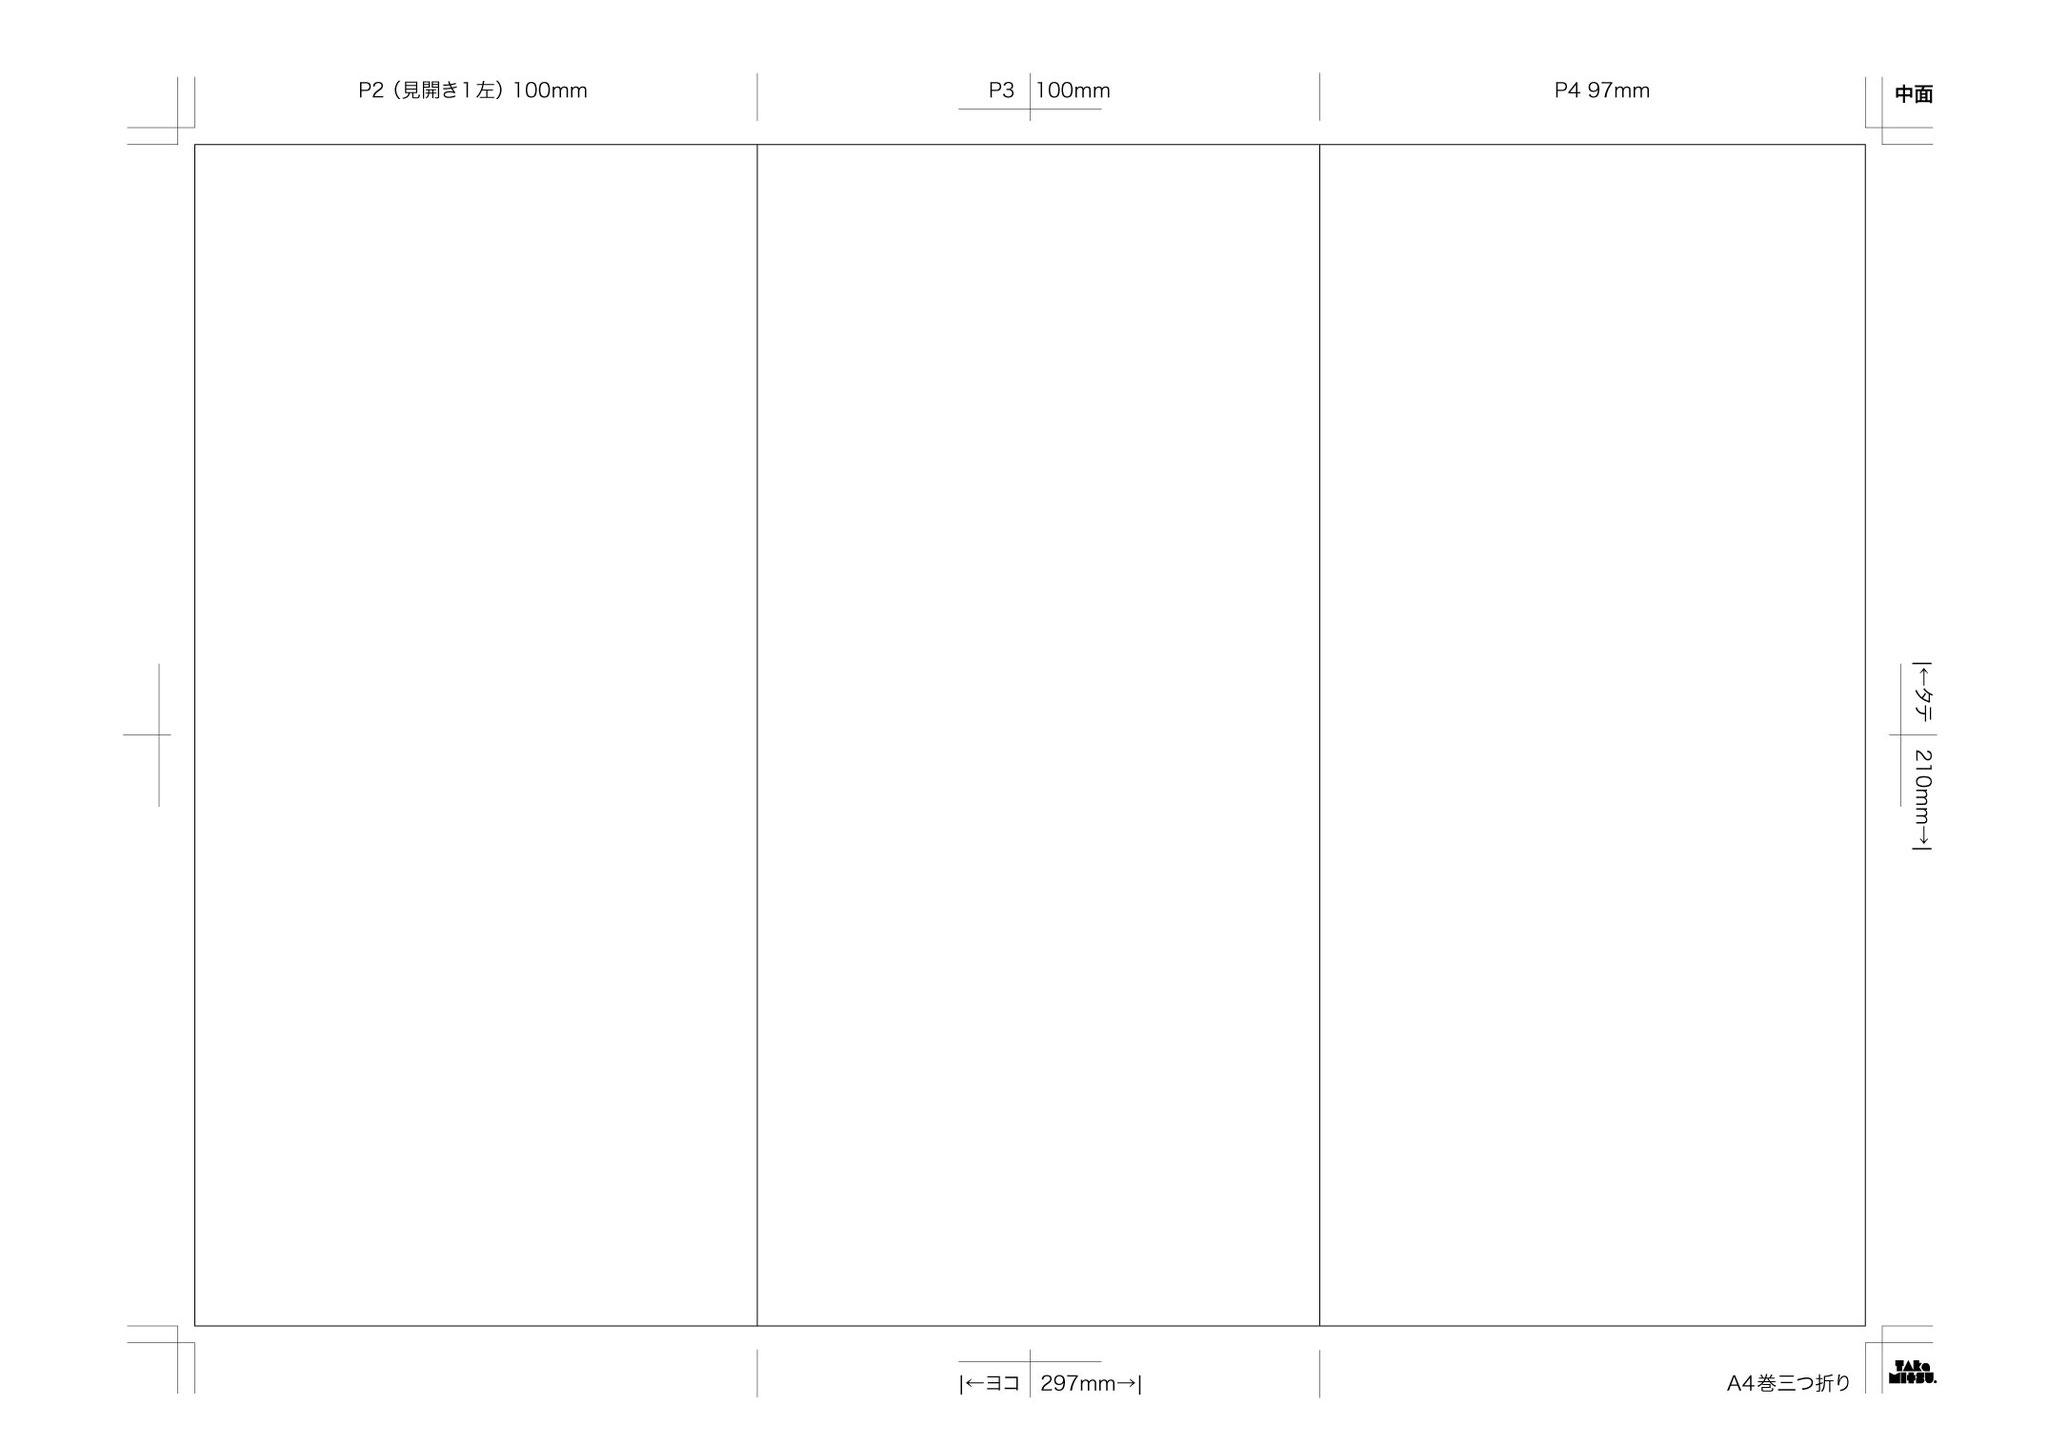 A4巻三つ折りパンフレット_デザイン制作用レイアウト指示書_中面テンプレート